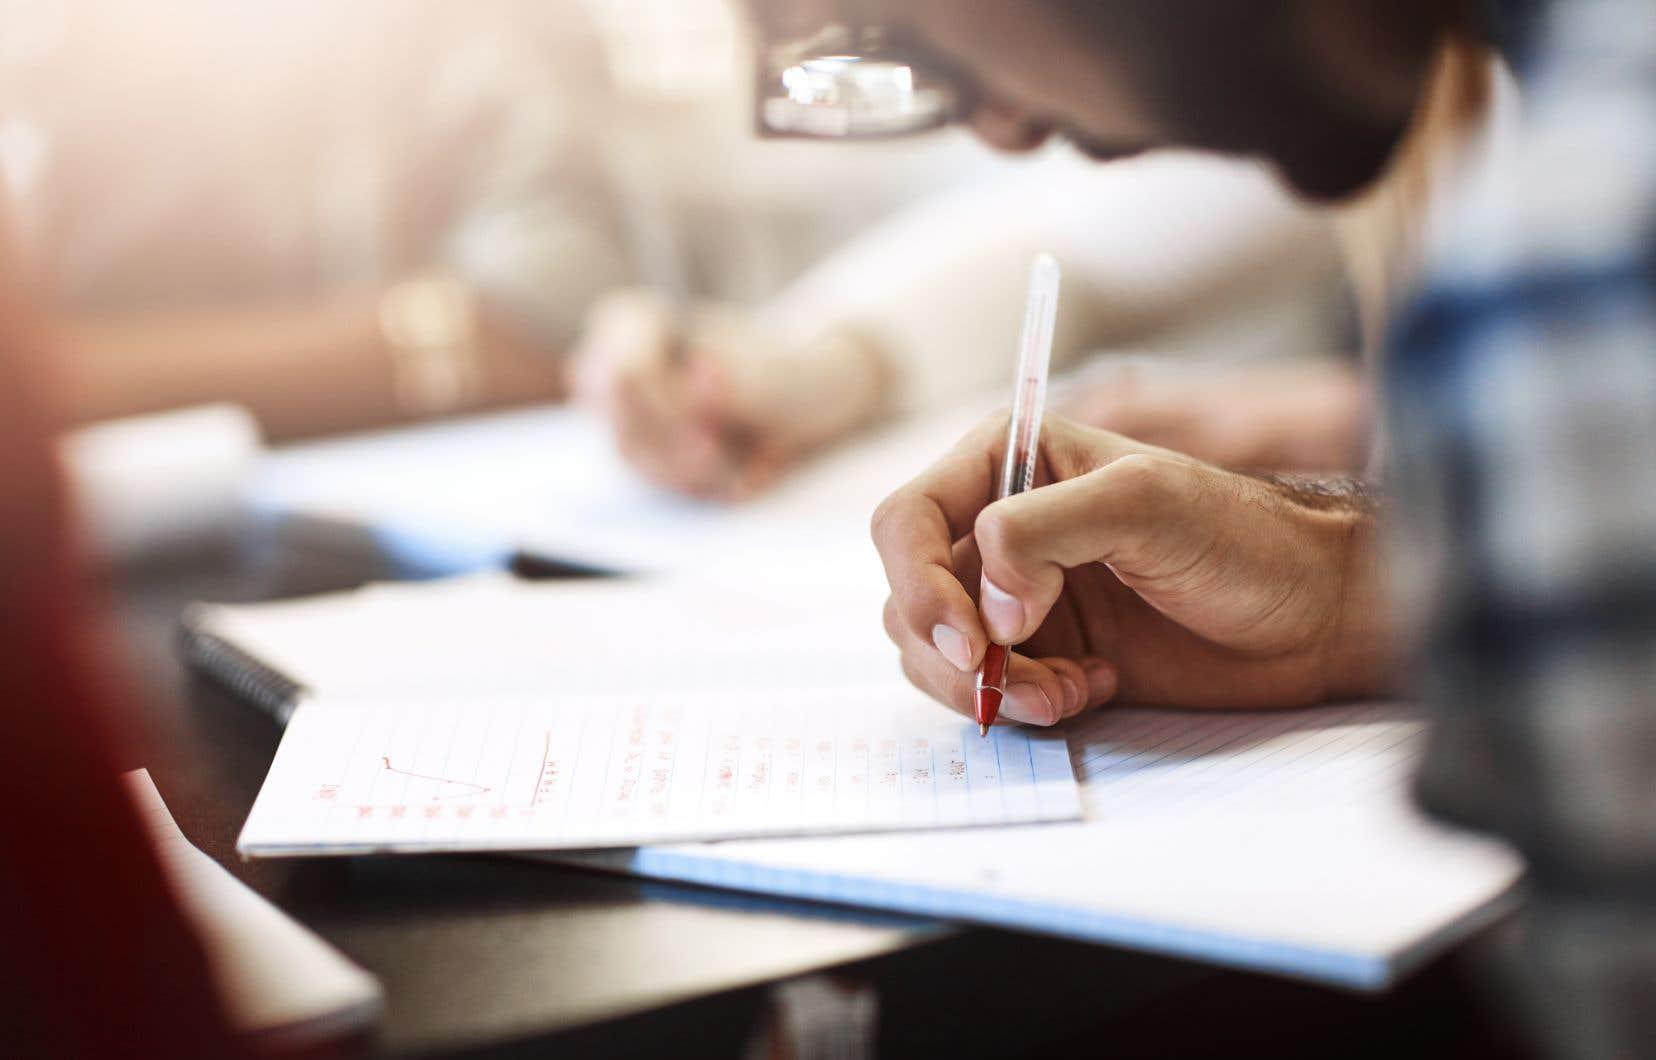 Les Ontariens sont également plus nombreux (9,3%) à avoir été incapables de terminer des cours contre 7,4% pour les Québécois.